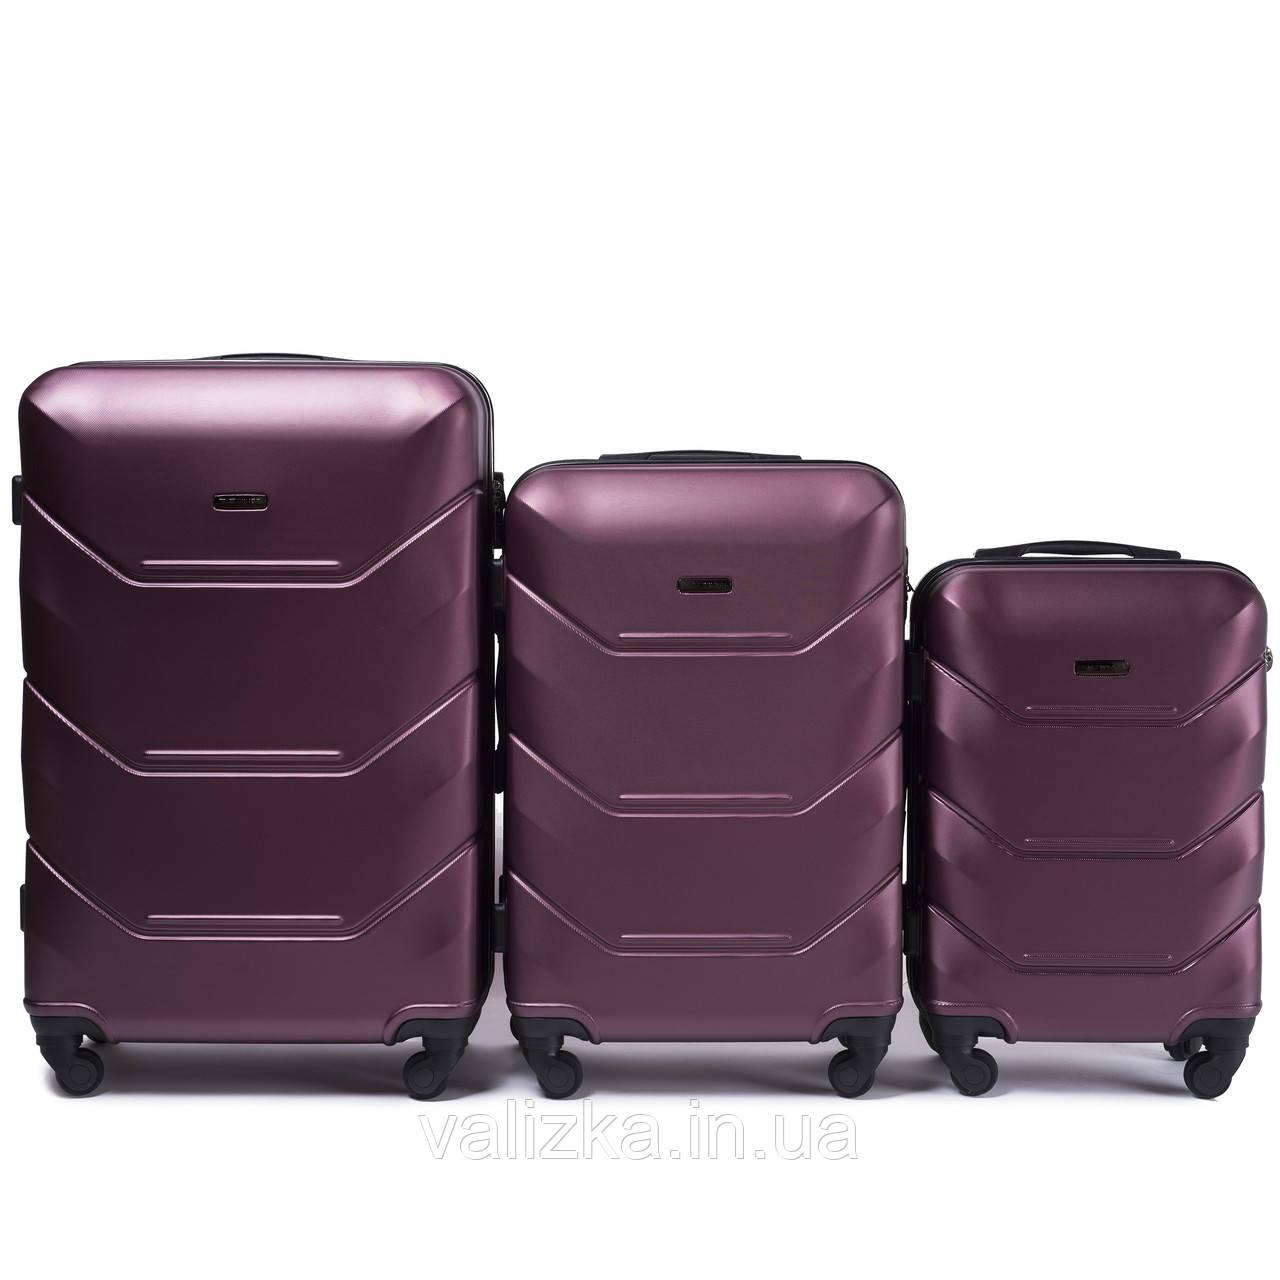 Комплект чемоданов из поликарбоната 3 штуки малый, средний, большой Wings бордо